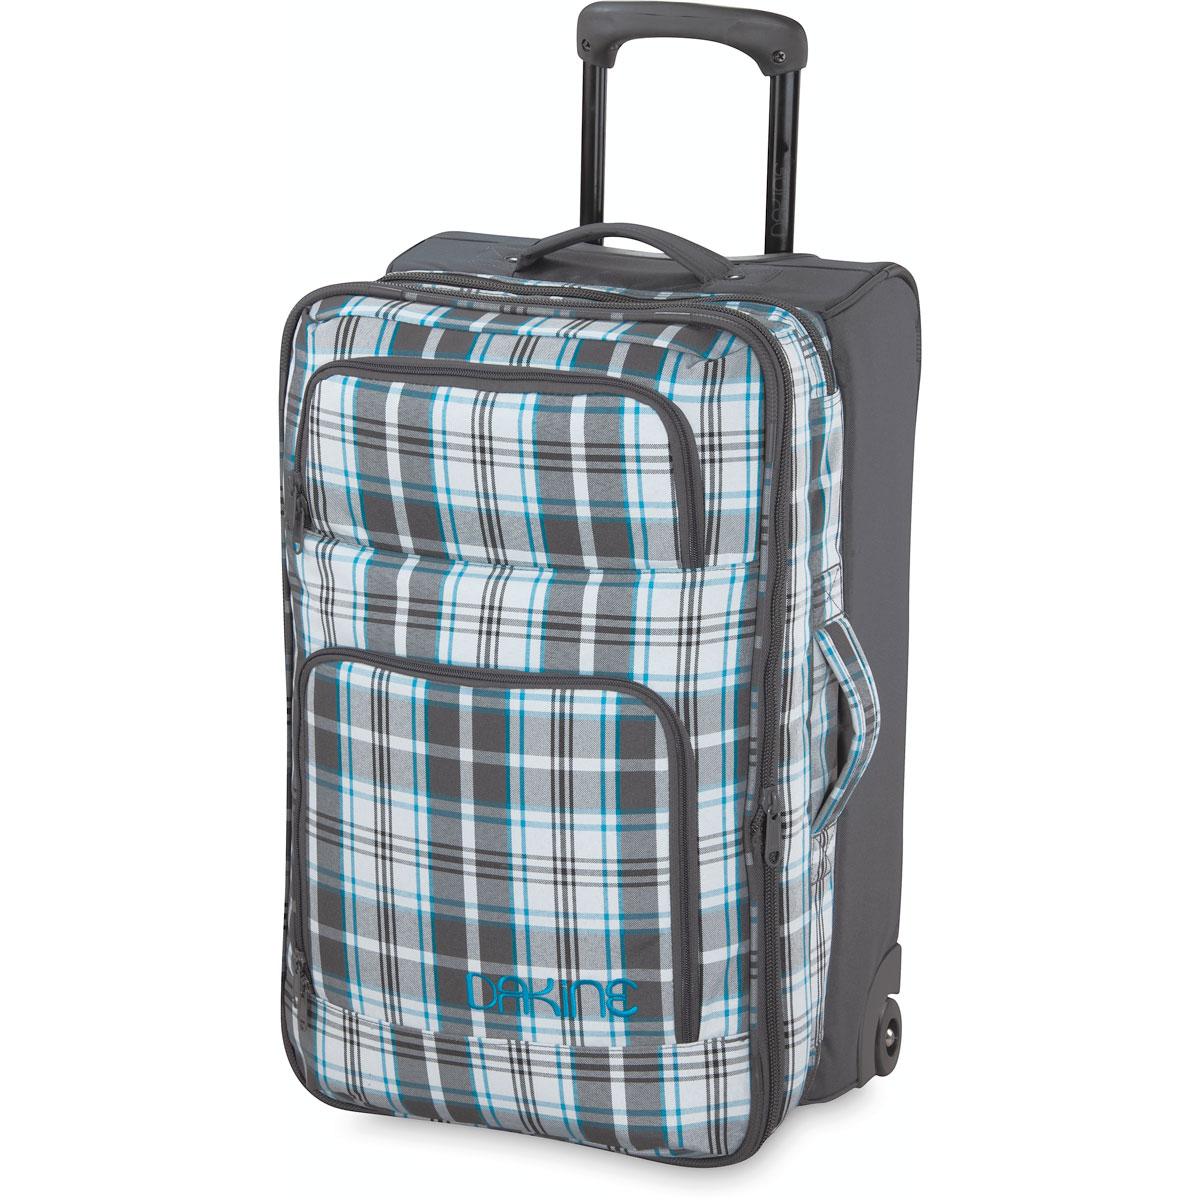 Сумка с колесами Dakine Womens Over/Under, цвет: серый, голубой, 64 л8350265Универсальная сумка Dakine Womens Over/Under отлично подойдет для любого путешествия, в котором нужно взять с собой чуть больше, чем пару футболок и смену белья. Особенности: Раздвижное основное отделение на застежке-молнии. 2 вместительных кармана на застежке-молнии на передней части. Уровневая конструкция независимых отделений для простоты доступа. Официально разрешенный размер ручной клади на большинстве авиалиний (в не раздвинутом состоянии) Наружные карманы-органайзеры. Выдвижная ручка высотой 55 см. Сменные уретановые колеса. Кармашек для документов сзади.